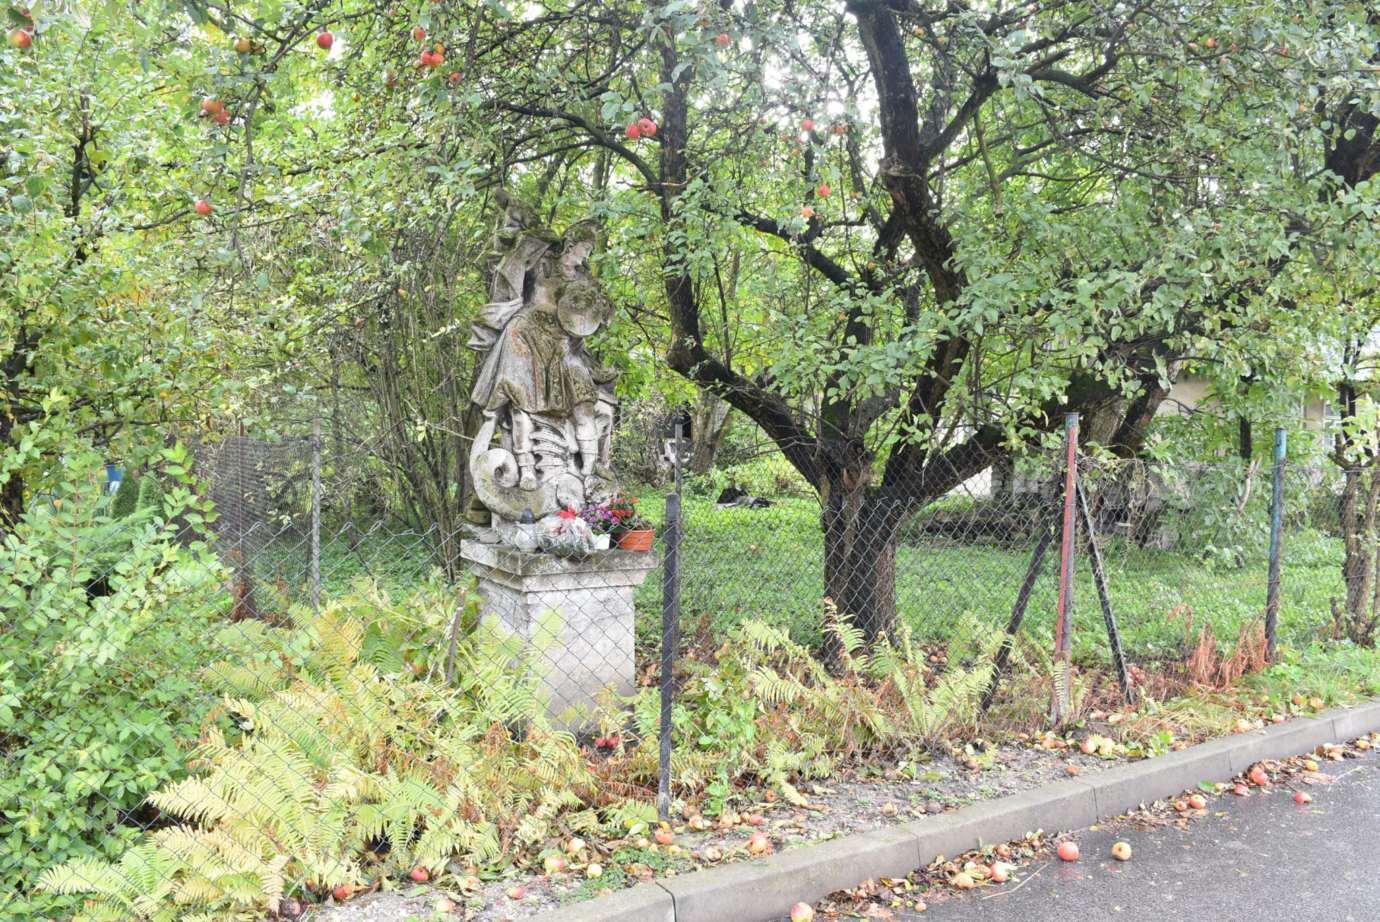 dsc 6024 Zamość: Zabytkowa rzeźba odzyska dawną świetność